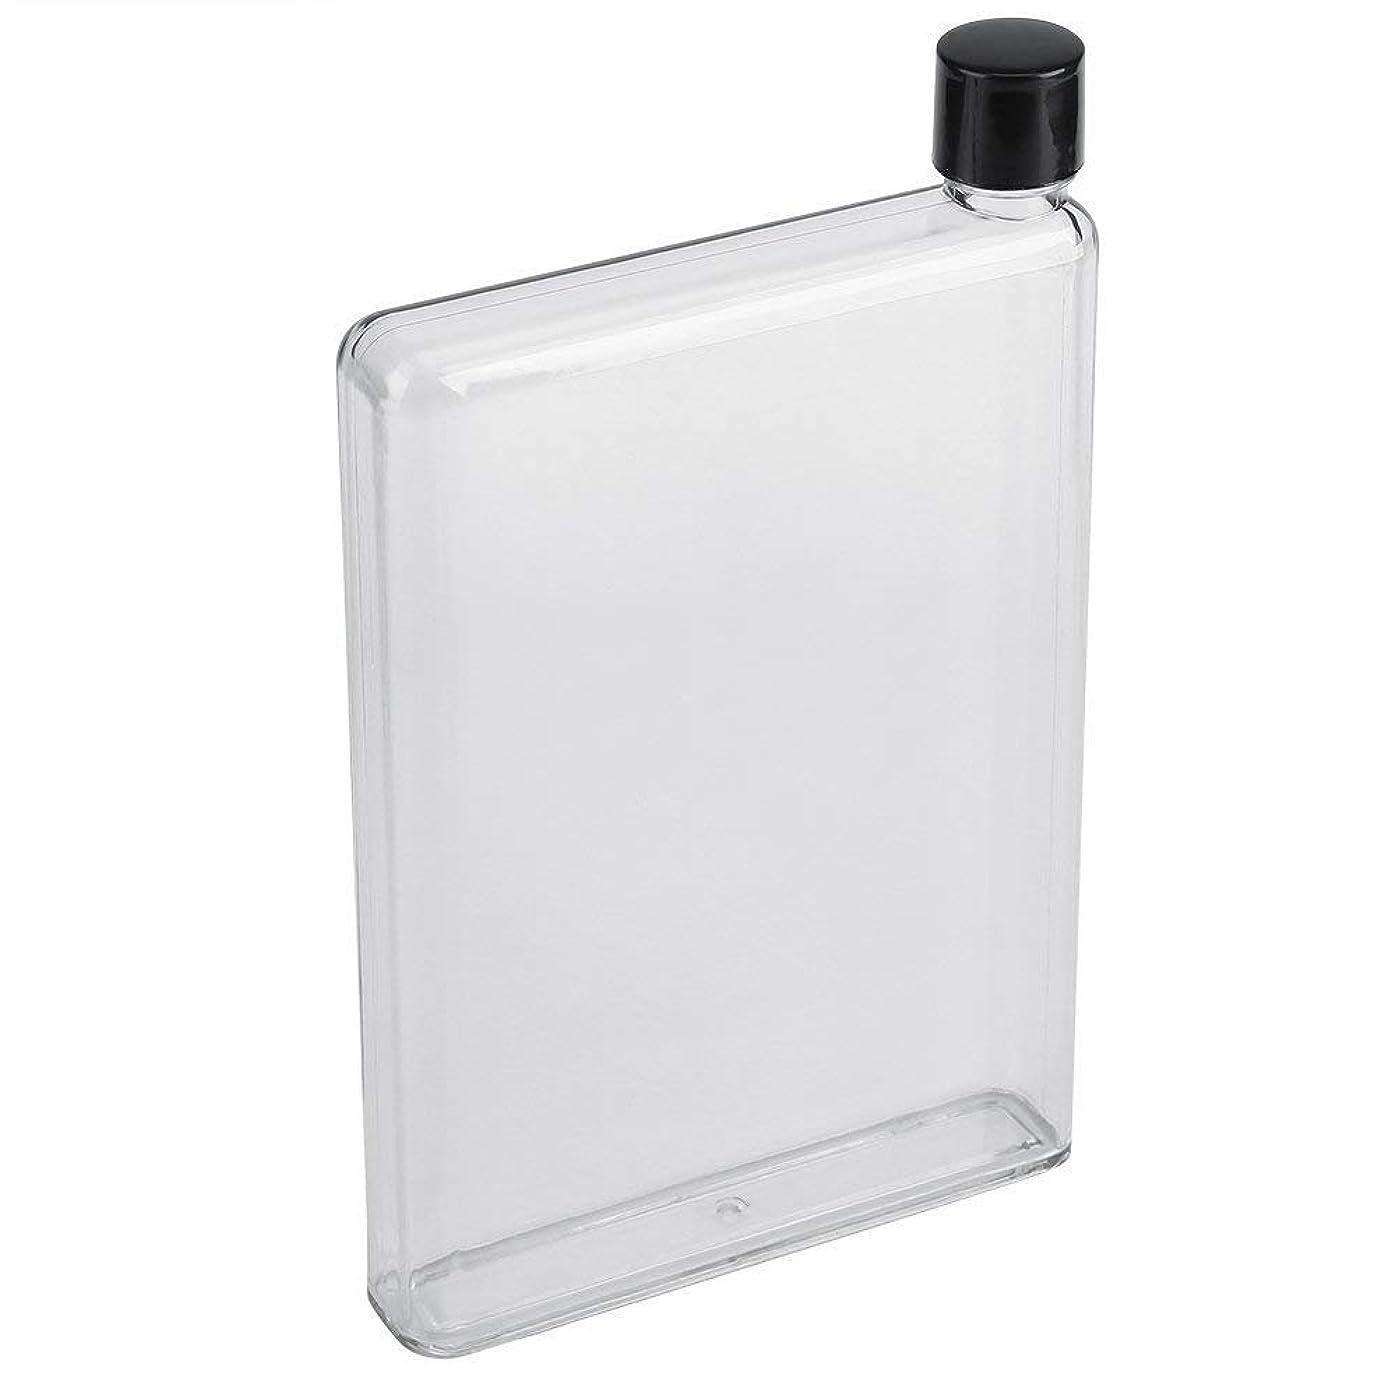 バックアップ確執レバーノート型ボトル - BESTGIFT 薄い水筒、漏れ防止、軽量、透明/ピンク、A5サイズ、420ml (透明)